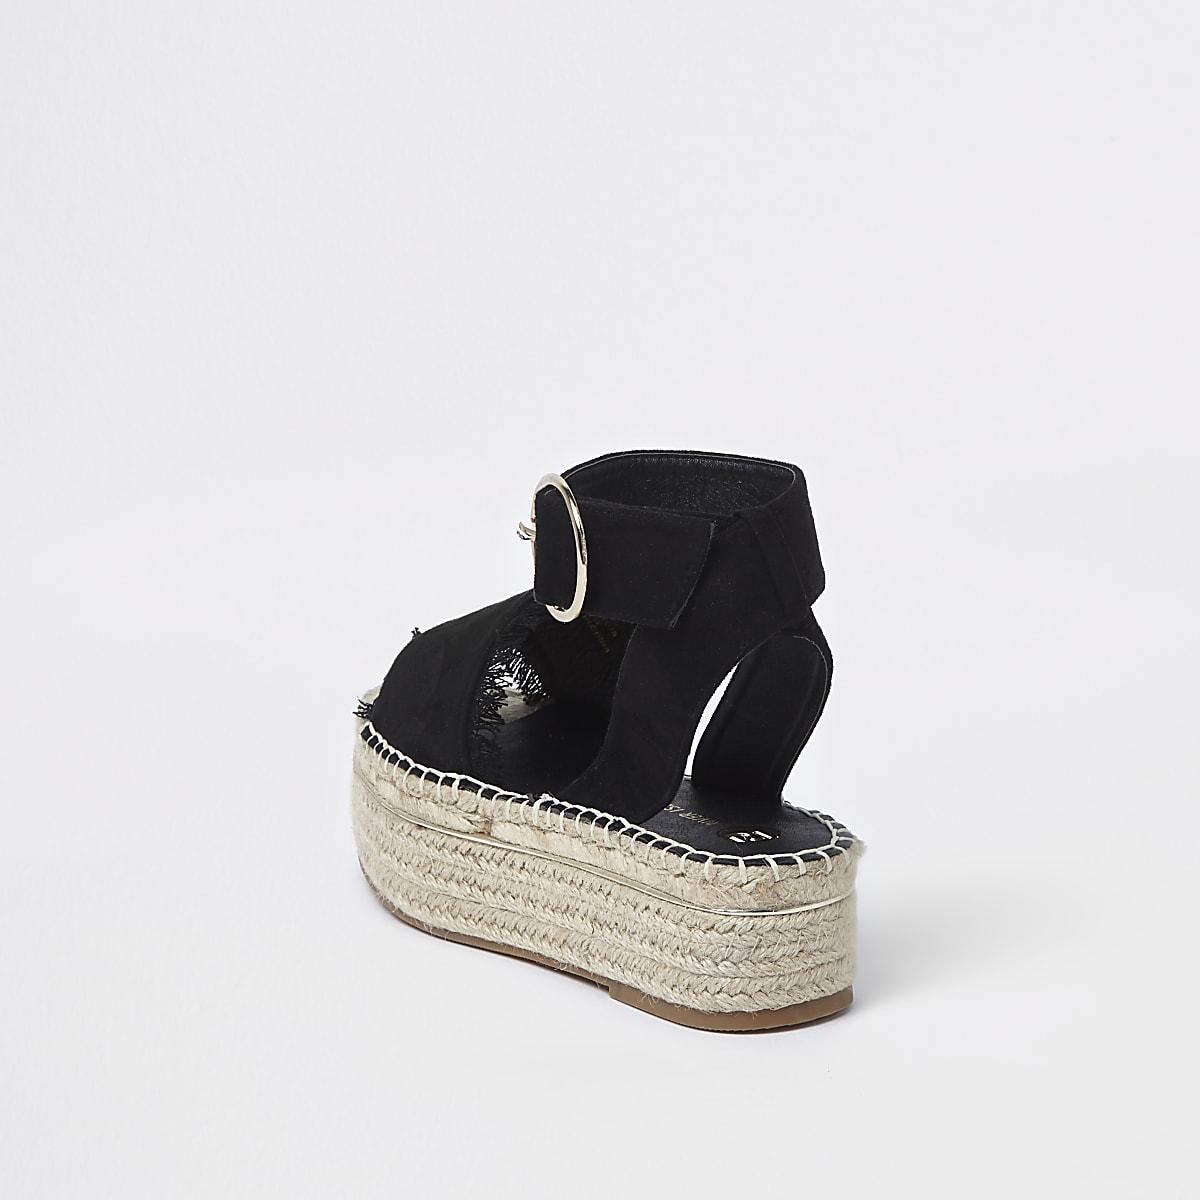 Sandals Espadrille Espadrille Platform Black Black Platform Sandals 54jqA3RLcS